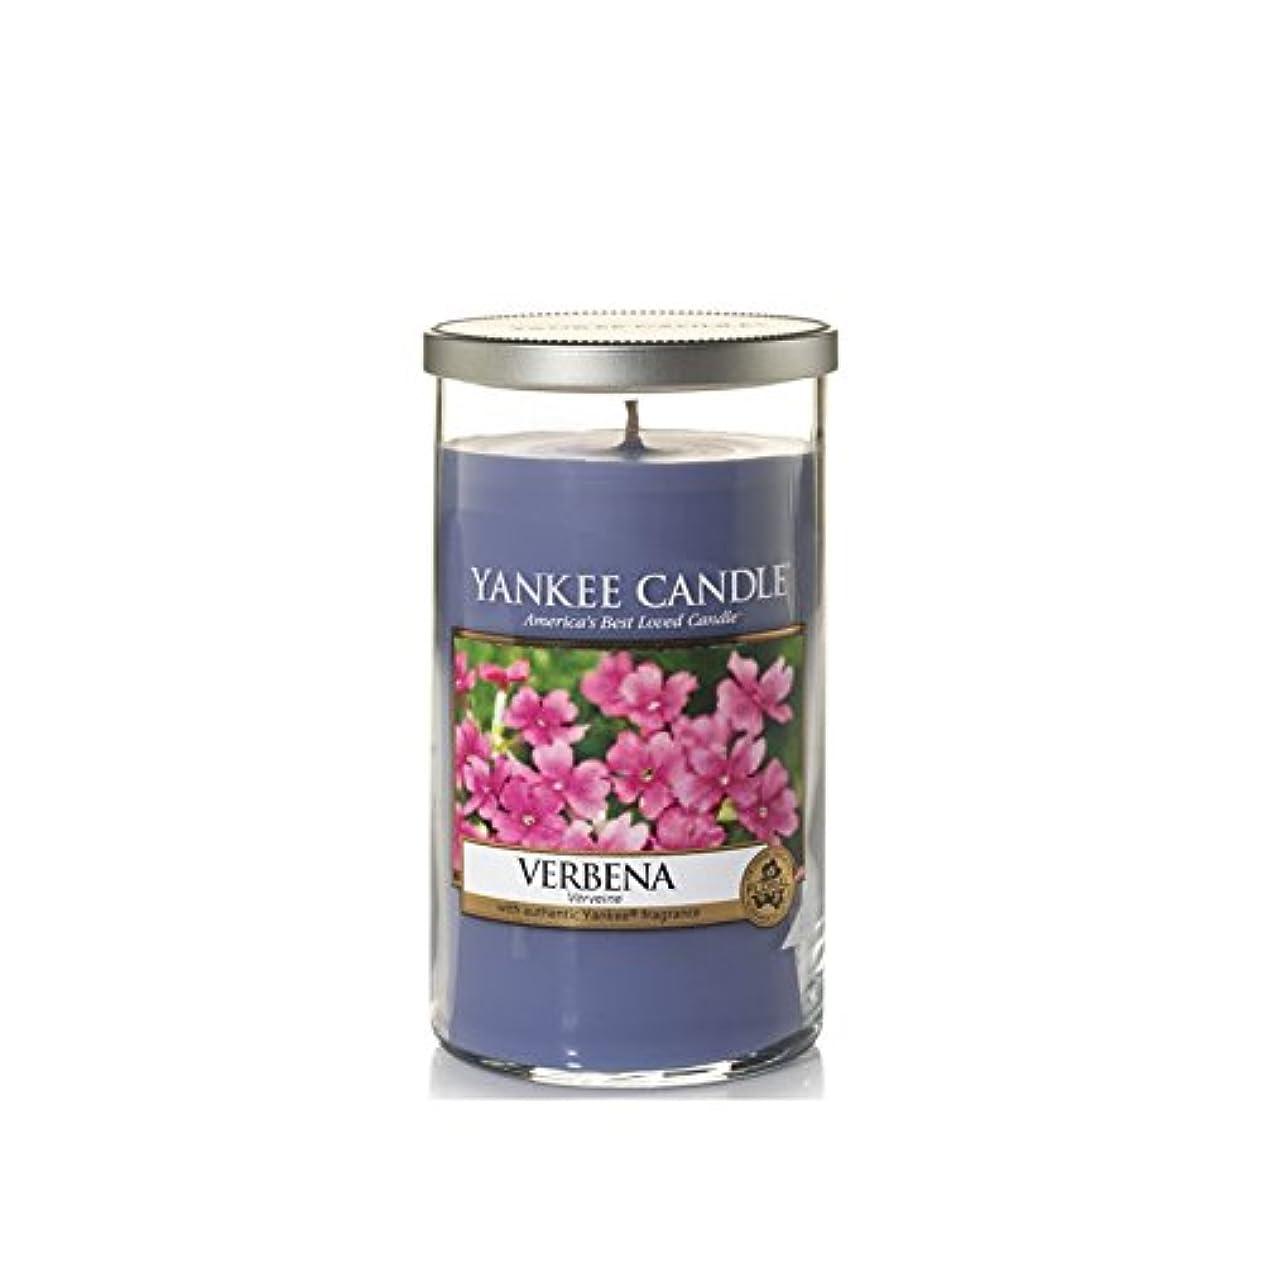 政治家判読できない含意ヤンキーキャンドルメディアピラーキャンドル - バーベナ - Yankee Candles Medium Pillar Candle - Verbena (Yankee Candles) [並行輸入品]